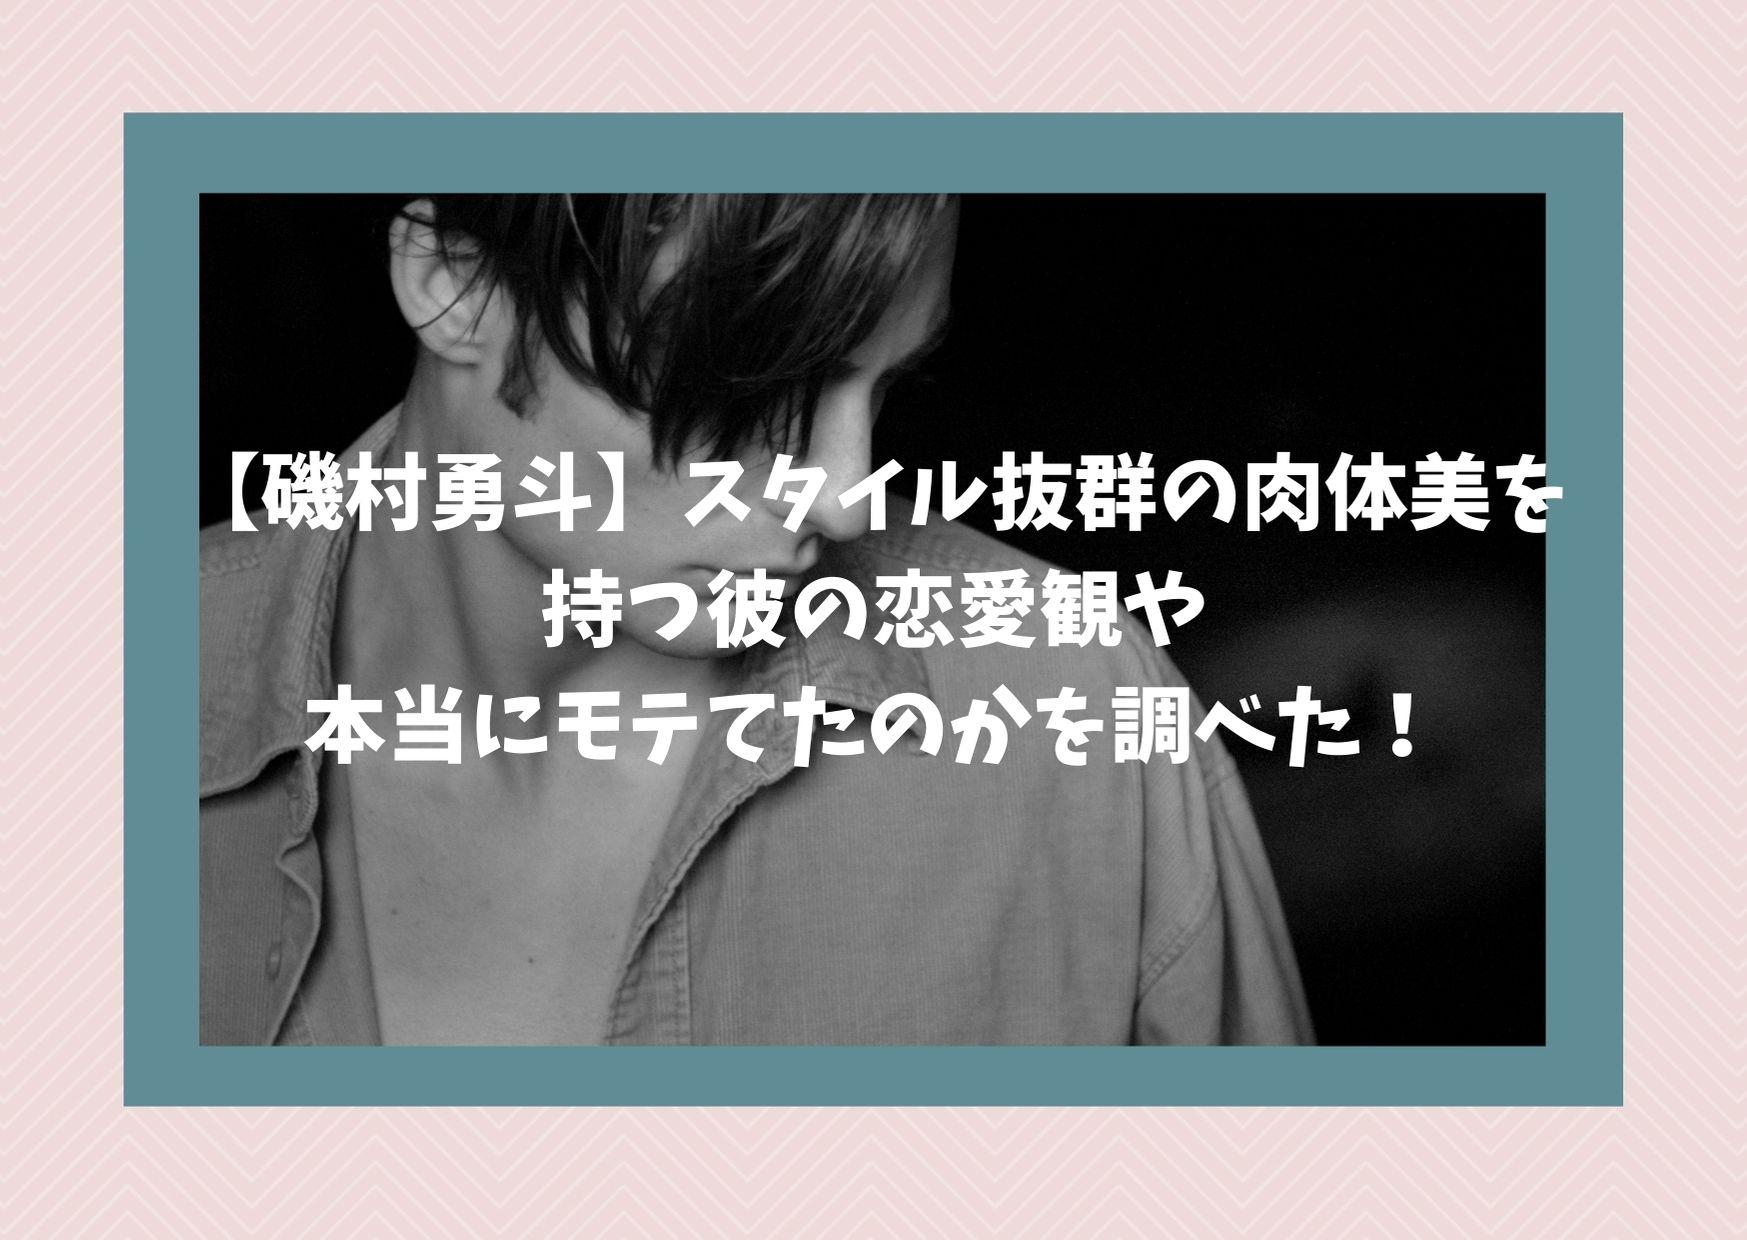 【磯村勇斗】スタイル抜群の肉体美を持つ彼の恋愛観や本当にモテてたのかを調べた!